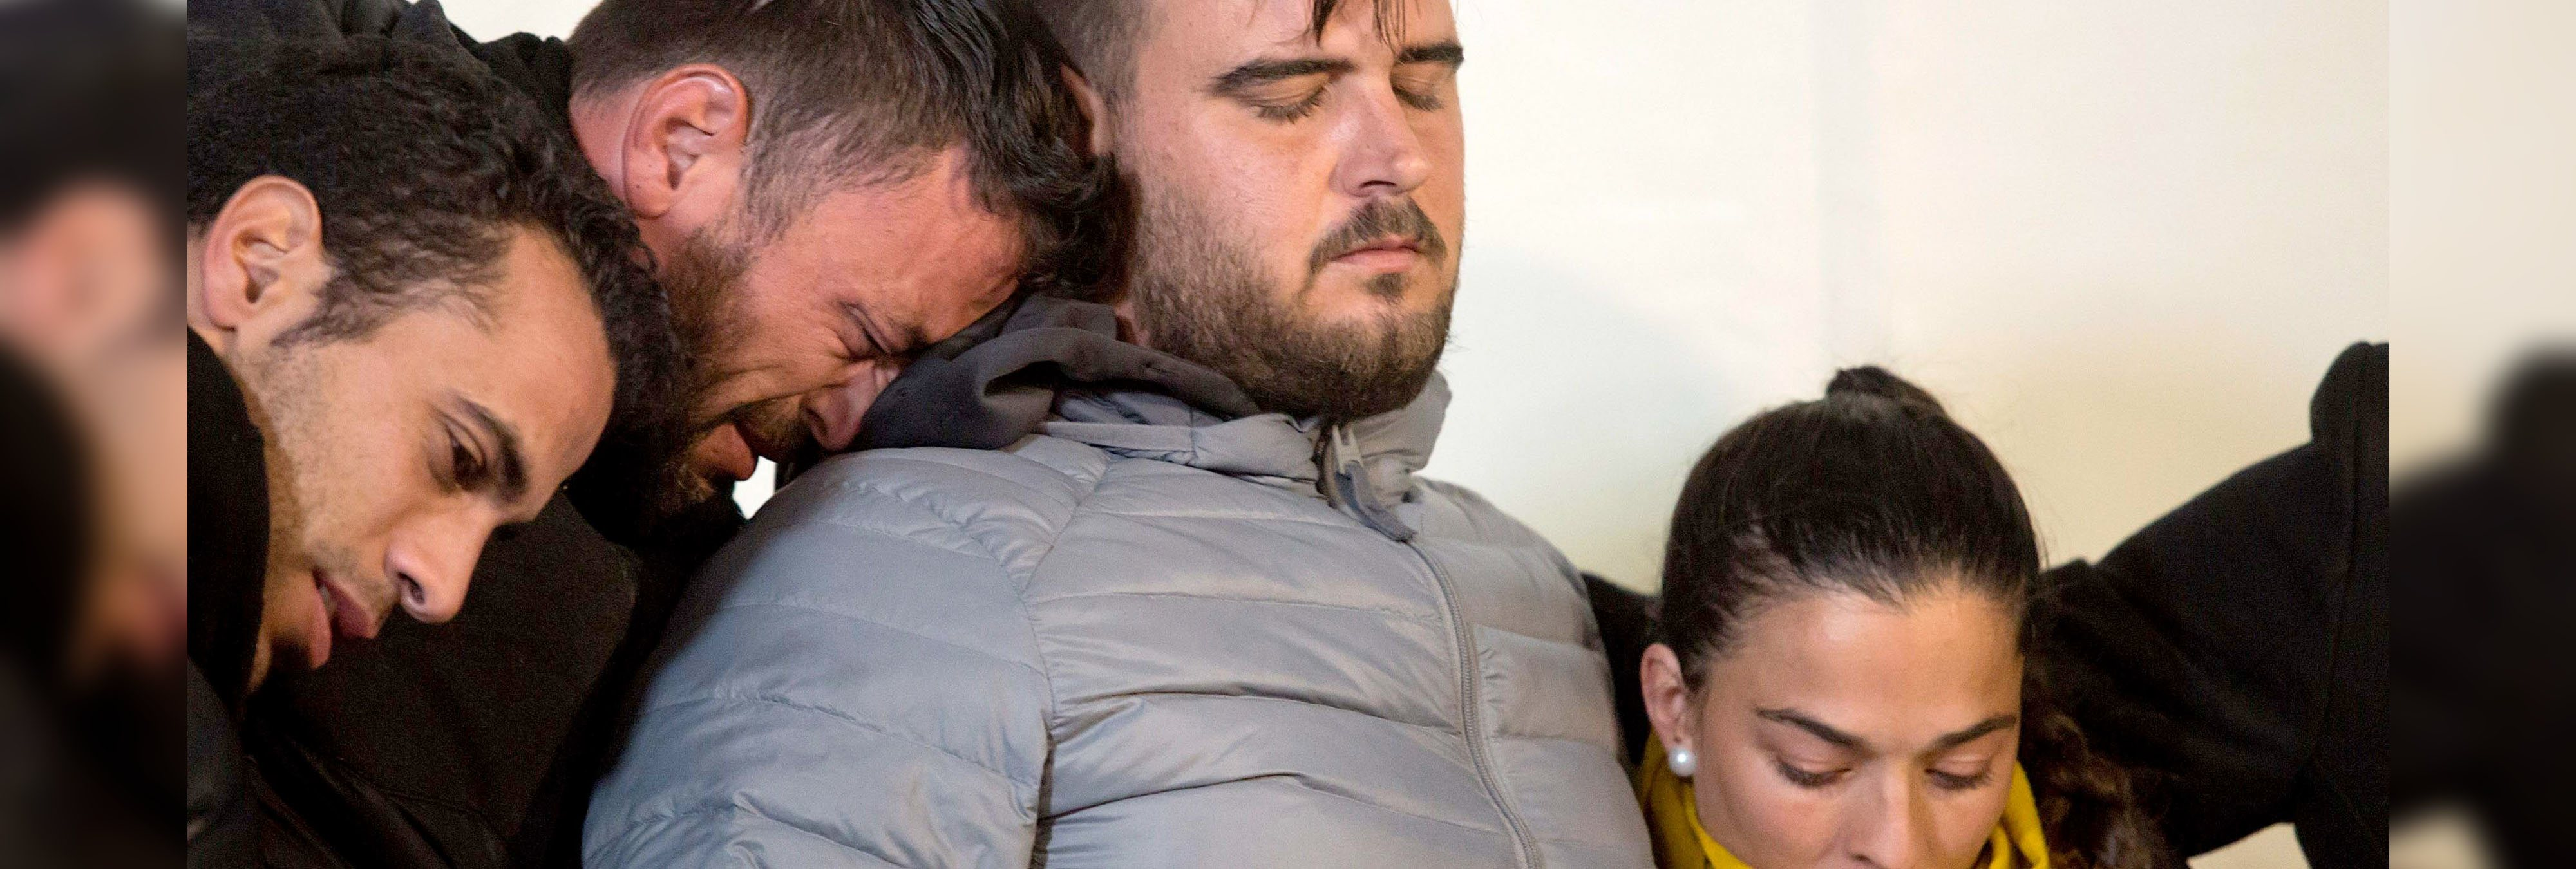 El pasado delictivo de David Serrano, el dueño de la finca donde falleció Julen